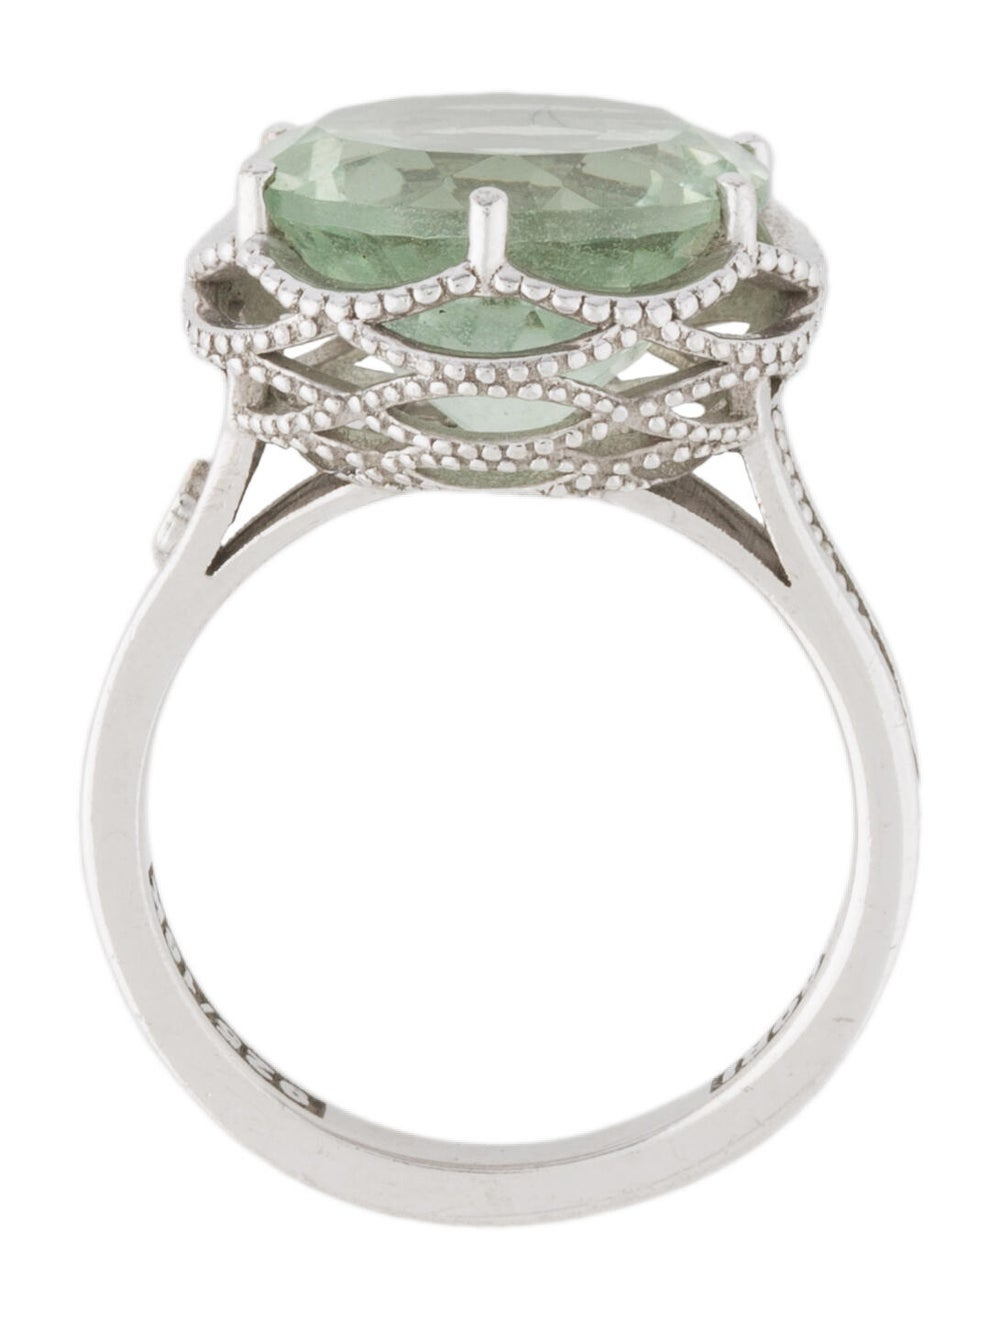 Tacori Prasiolite Ring Silver - image 5